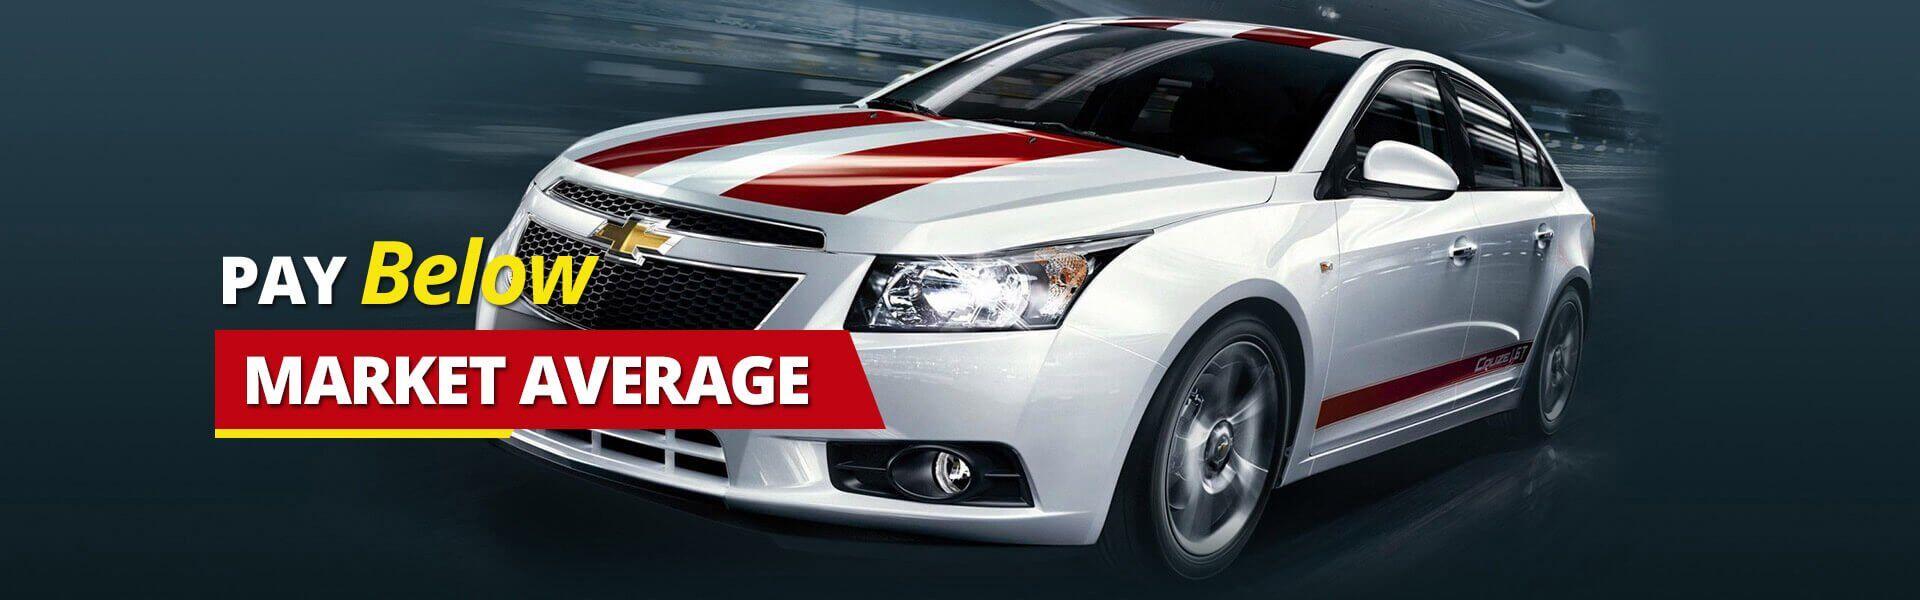 Pay below market average at car vision